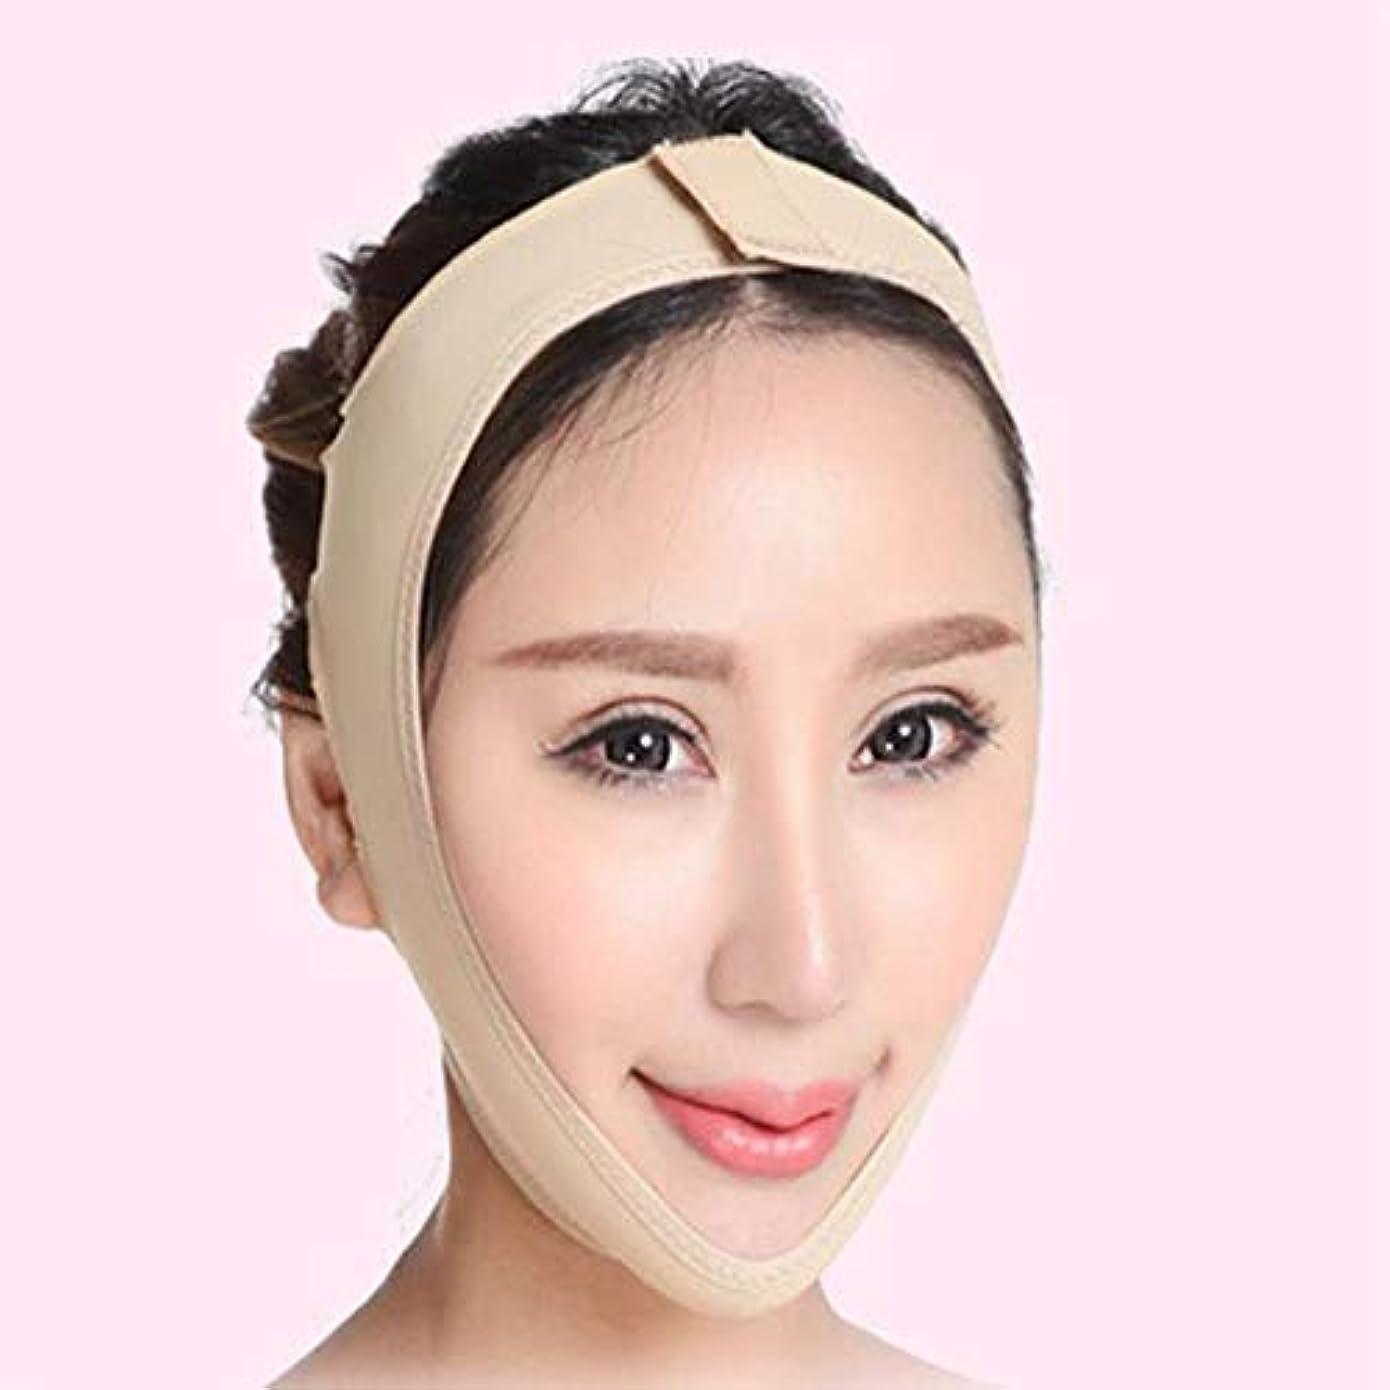 マイナーコンドーム差別化するMR 小顔マスク リフトアップ マスク フェイスラインシャープ メンズ レディース Mサイズ MR-AZD15003-M